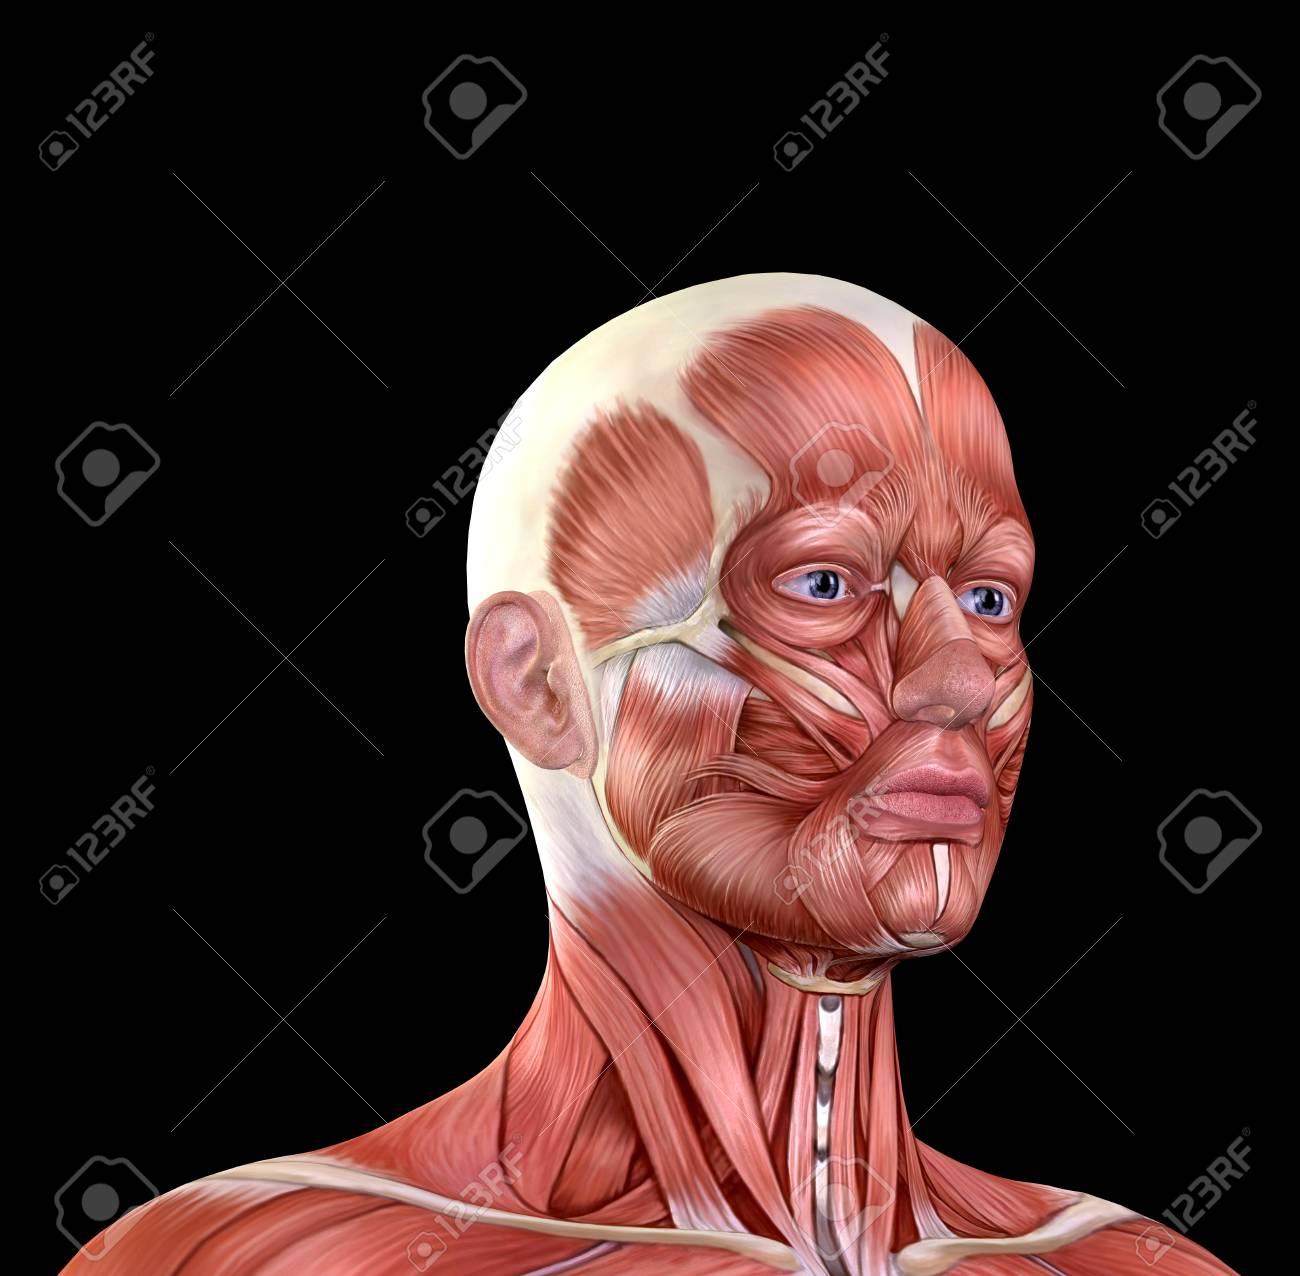 Männliches Gesicht Muskeln Anatomie Isoliert Auf Schwarz Lizenzfreie ...